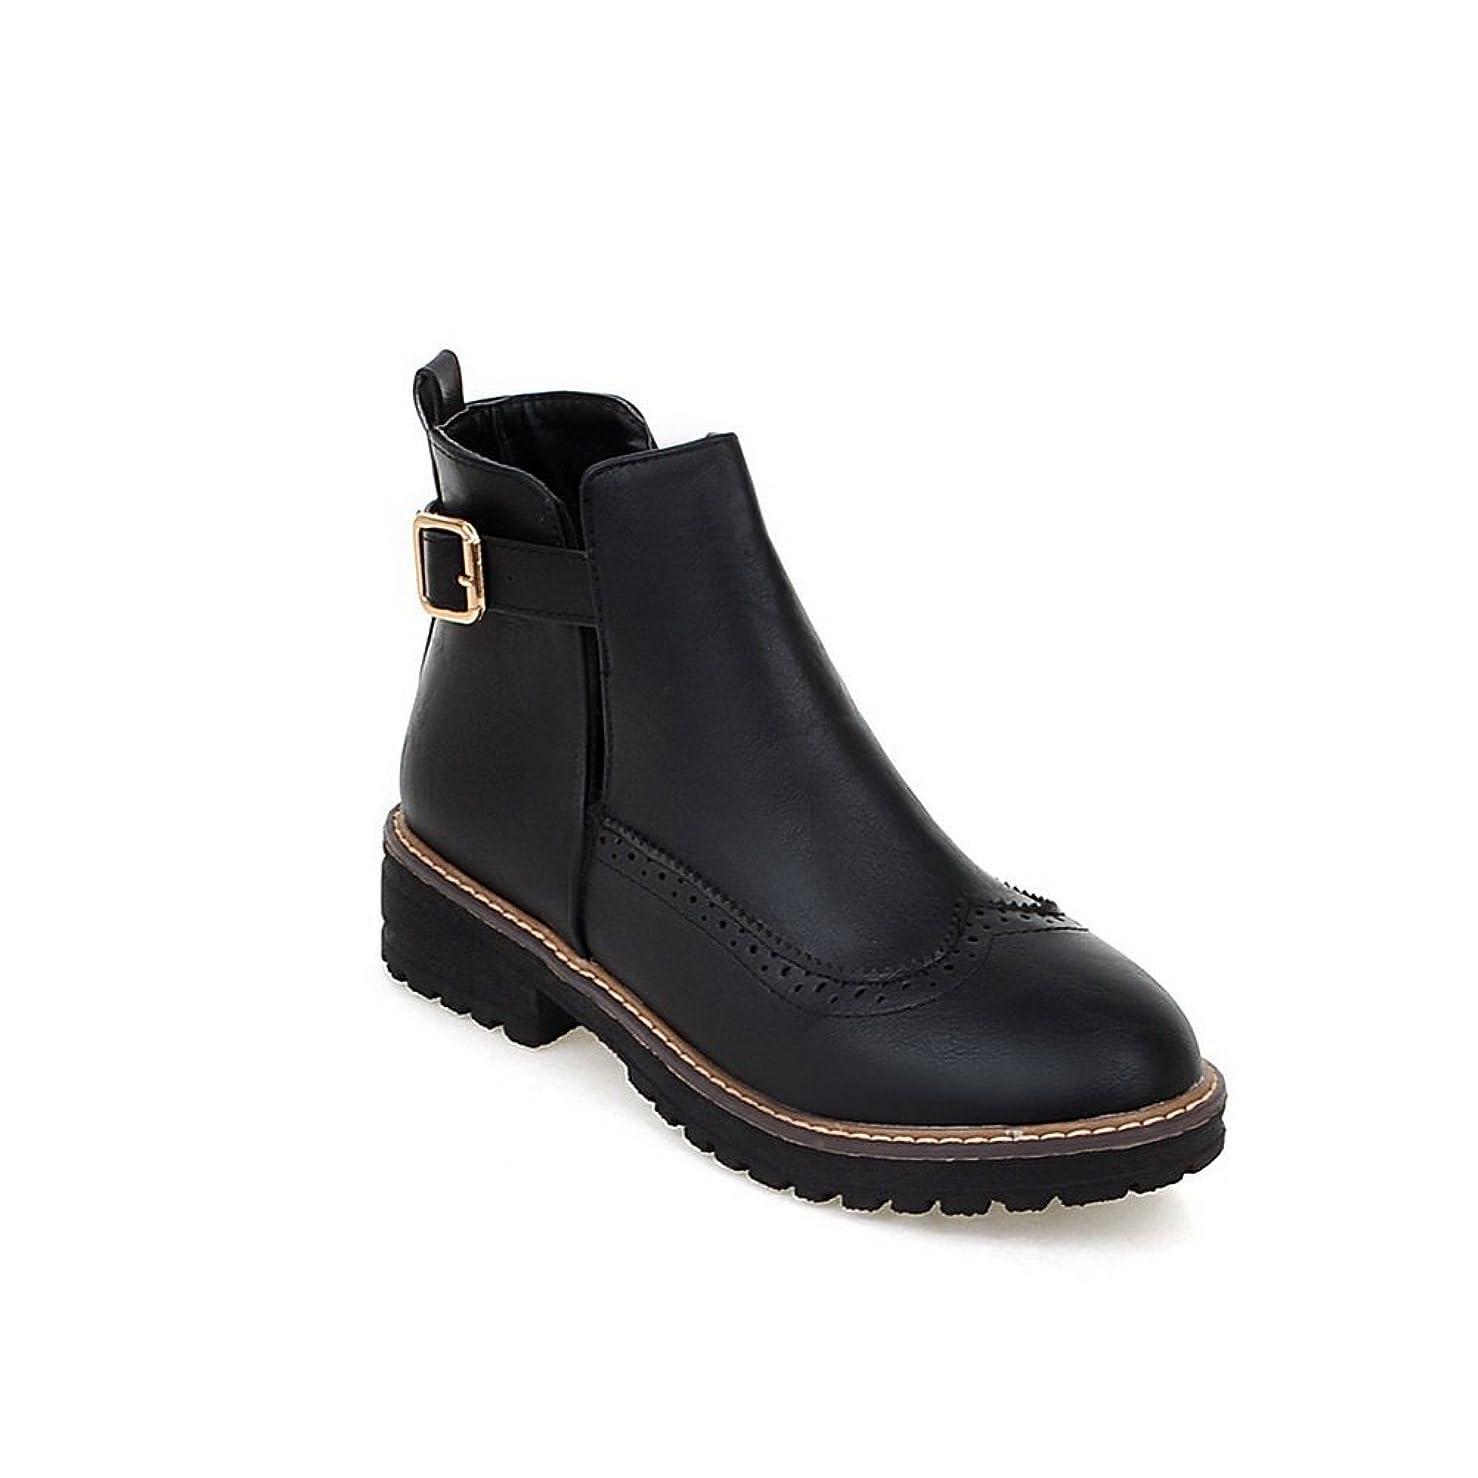 耐えられない薬を飲む天才[BalaMasa] ウィメンズ ファッションチェックのハイヒール プラットフォーム コンフォート 滑り止めソール 透かしのレオパード Puの皮 ブーツ?ブーティ